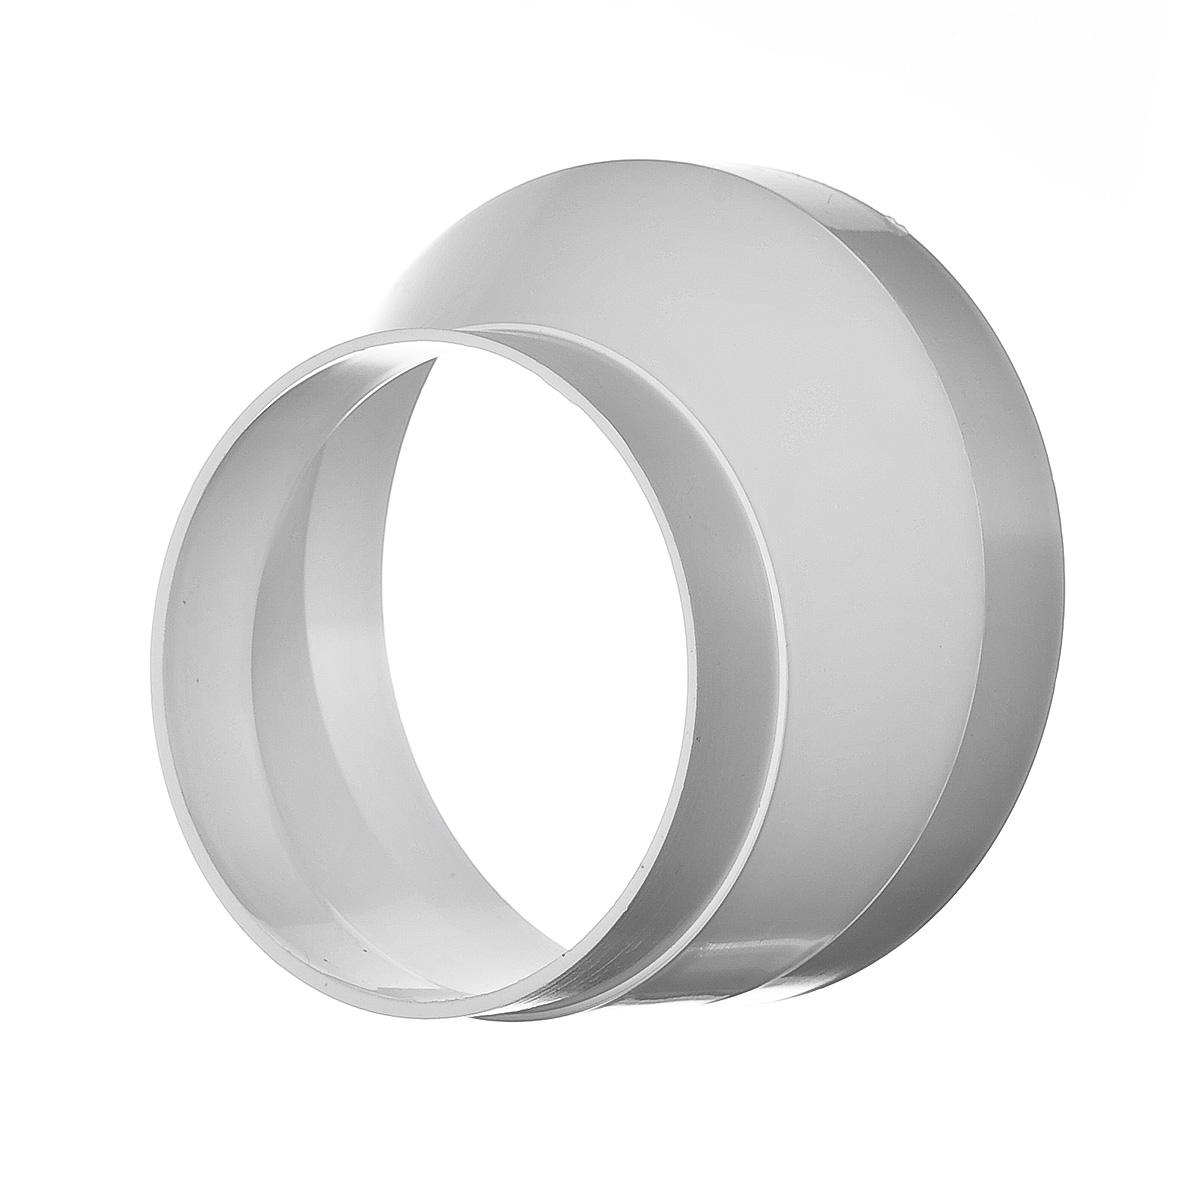 Купить Переход эксцентриковый для вентиляционных труб пластиковый, диаметр 100х125 мм — Фото №1